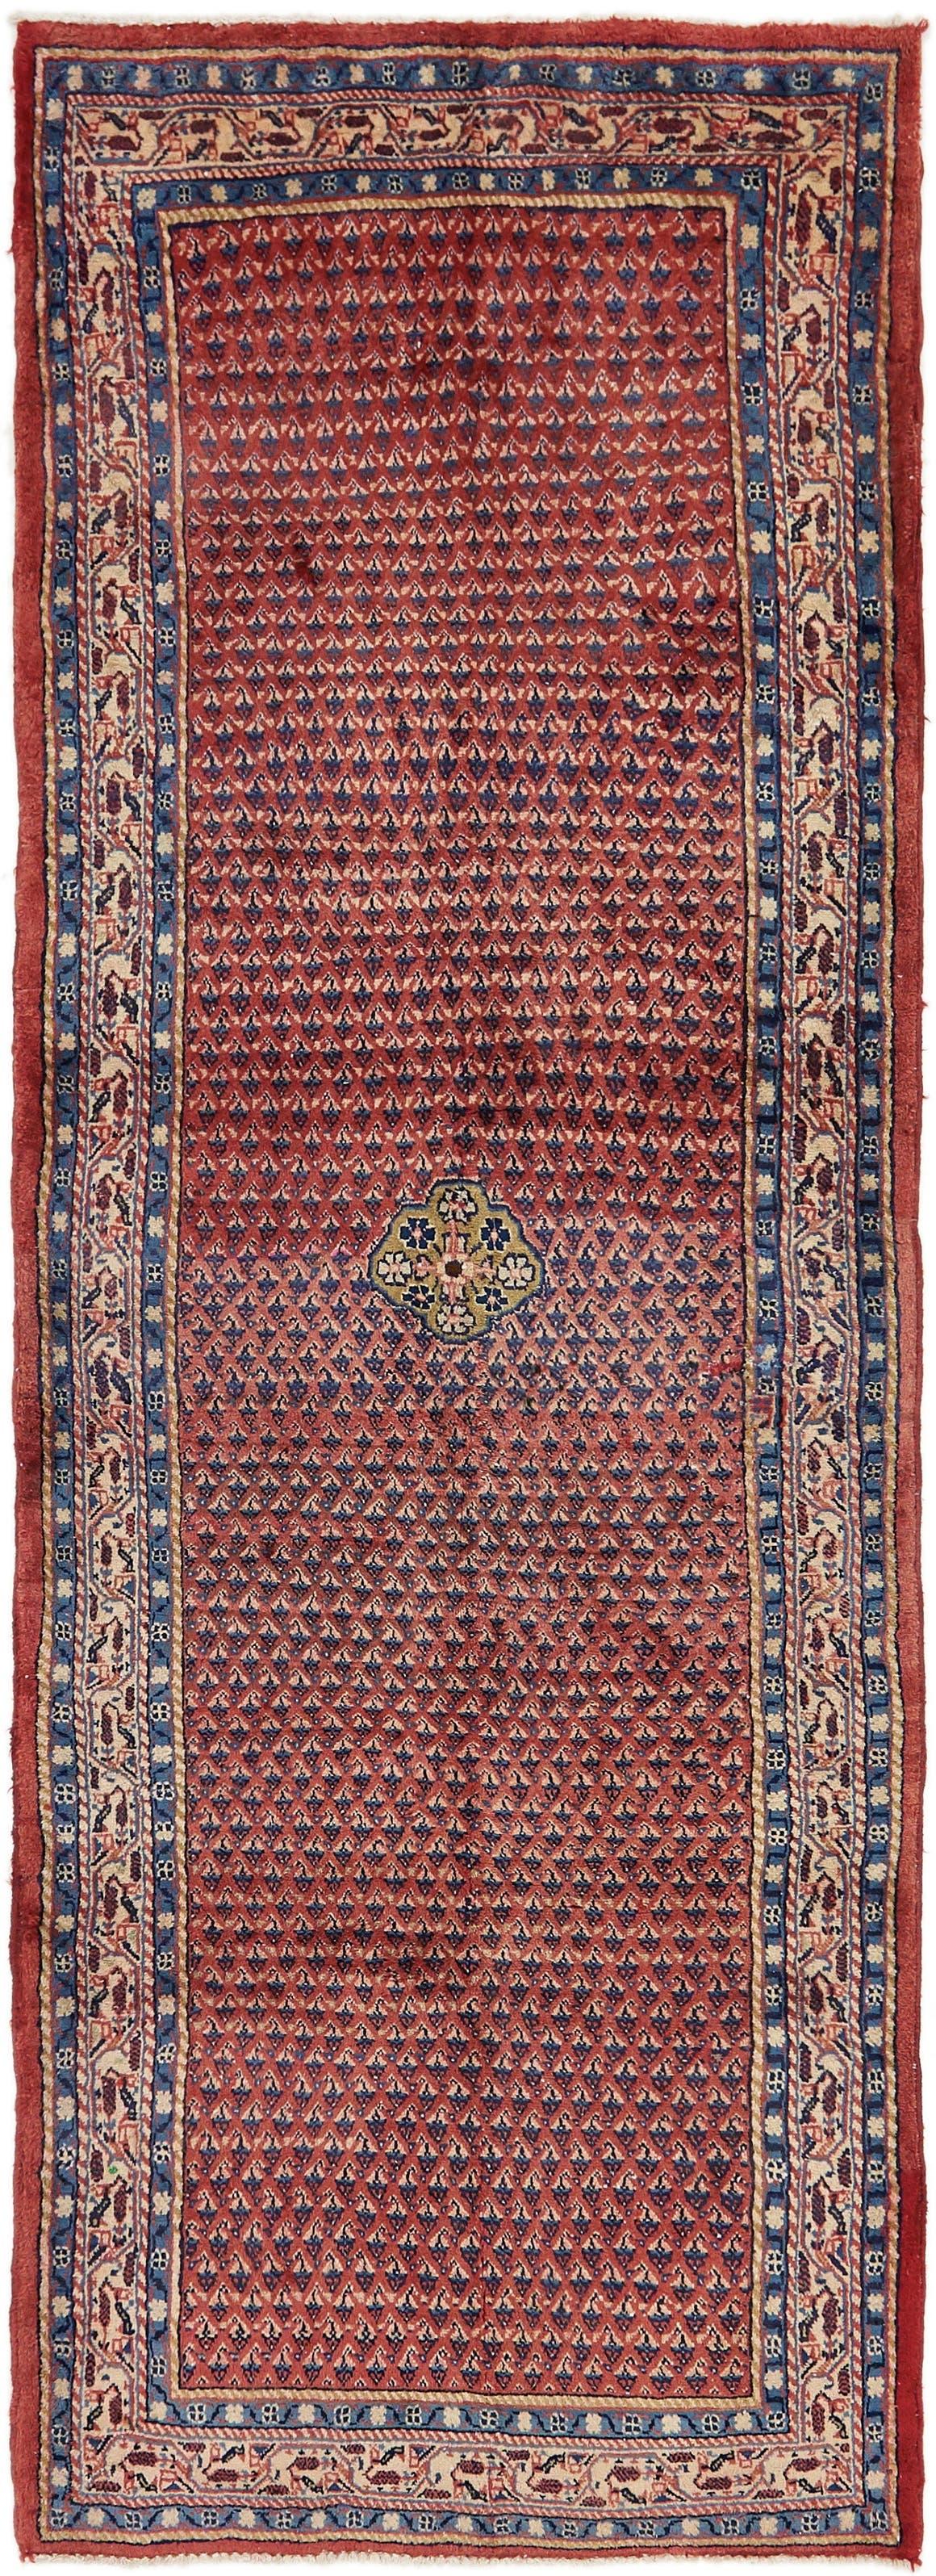 3' 8 x 10' 6 Botemir Persian Runner Rug main image